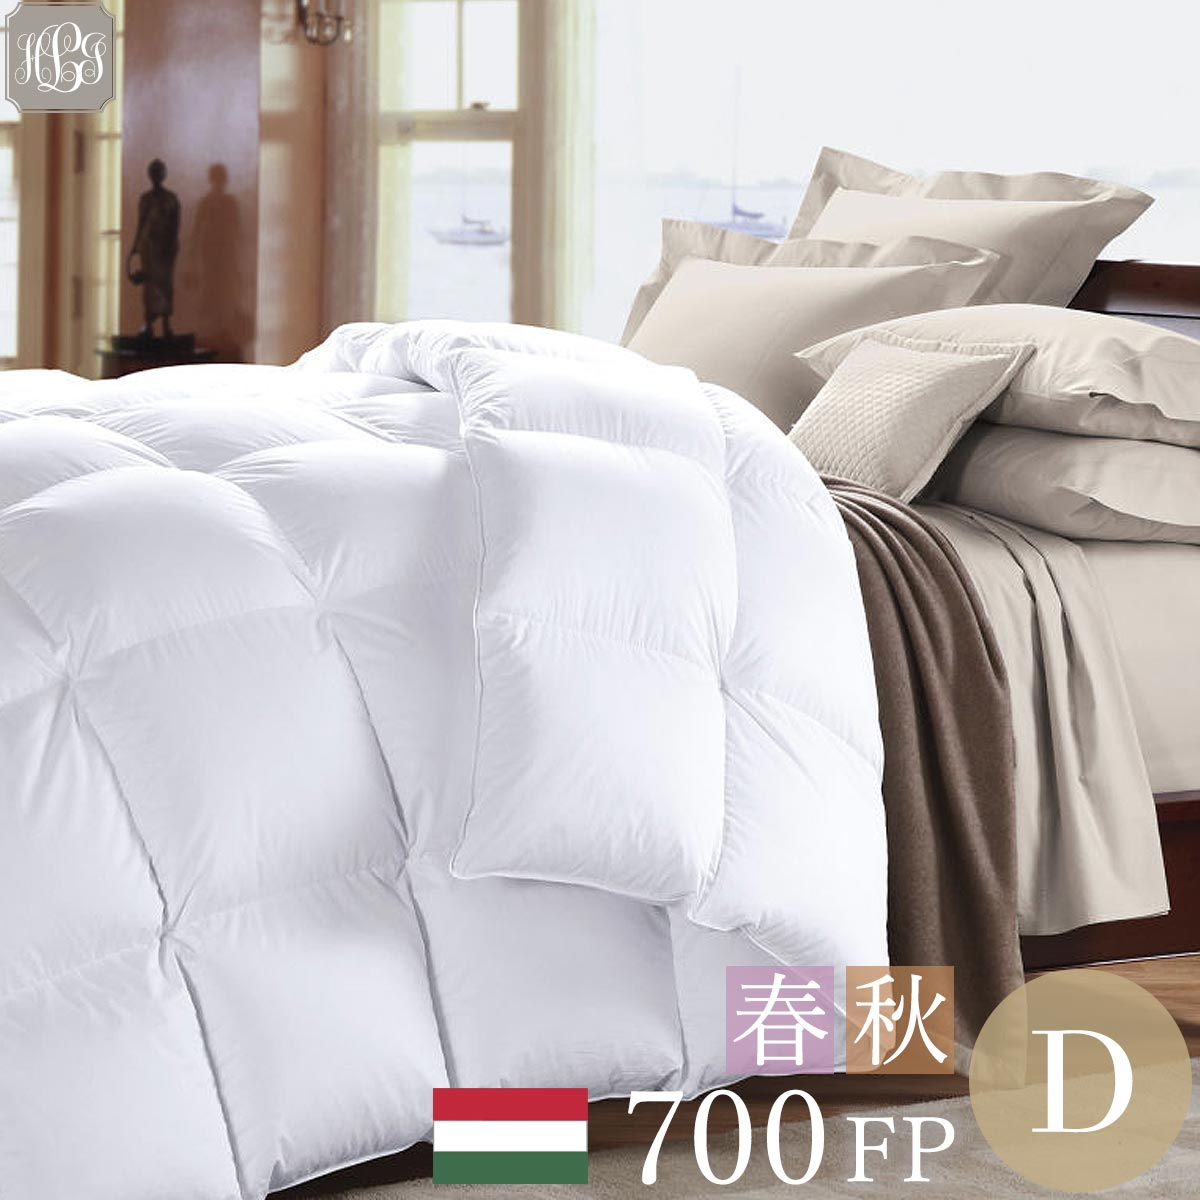 羽毛布団 ダブル 190cmx210cm 春秋用 通年使用 700FPヨーロピアンホワイトグースダウン 高級ホテル 超長綿100